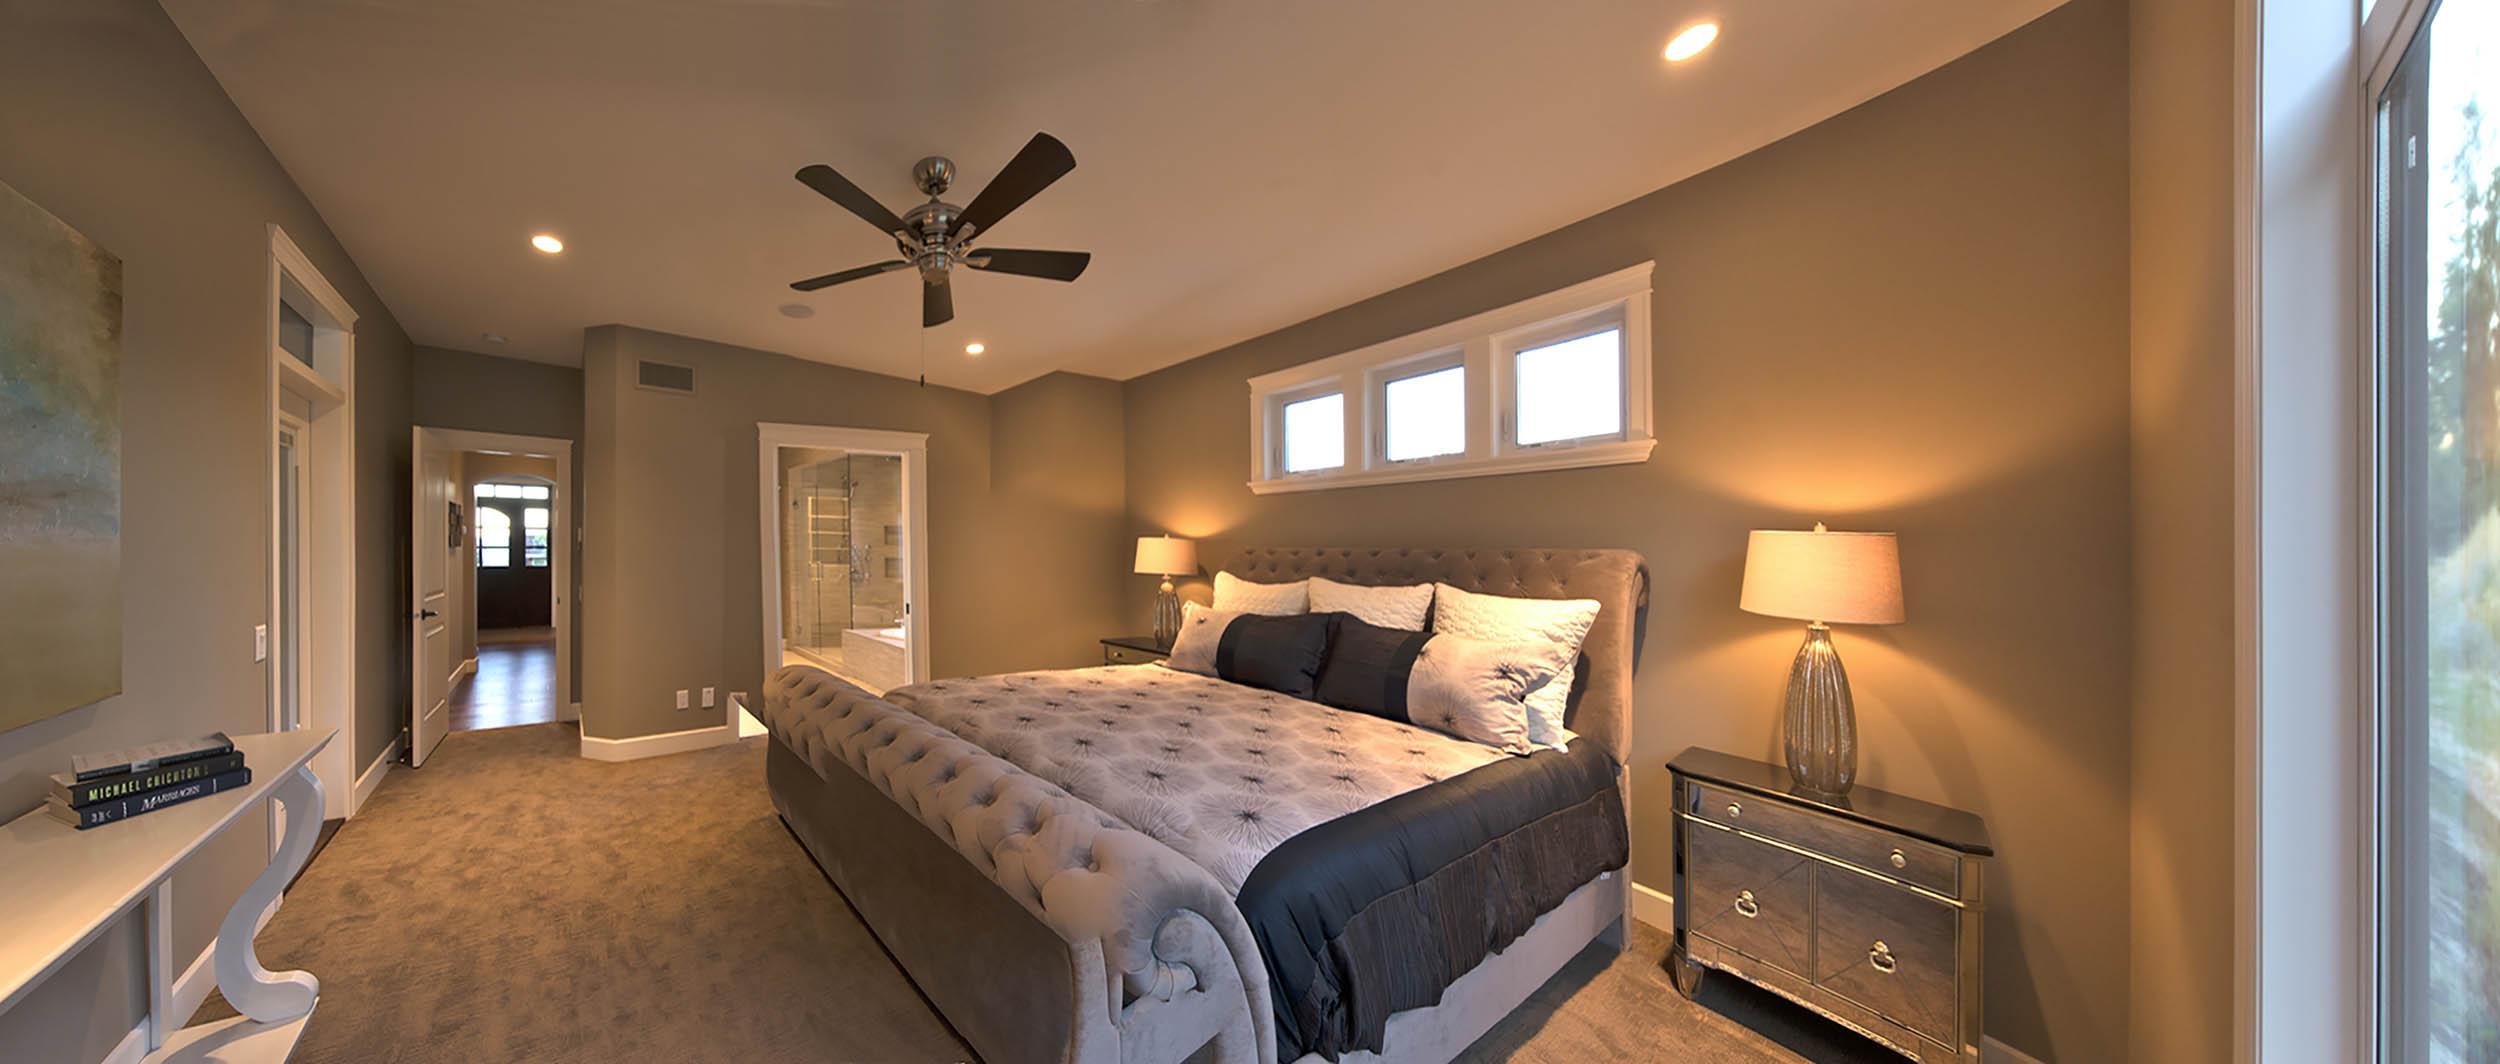 7_Mastert-bedroom-pan